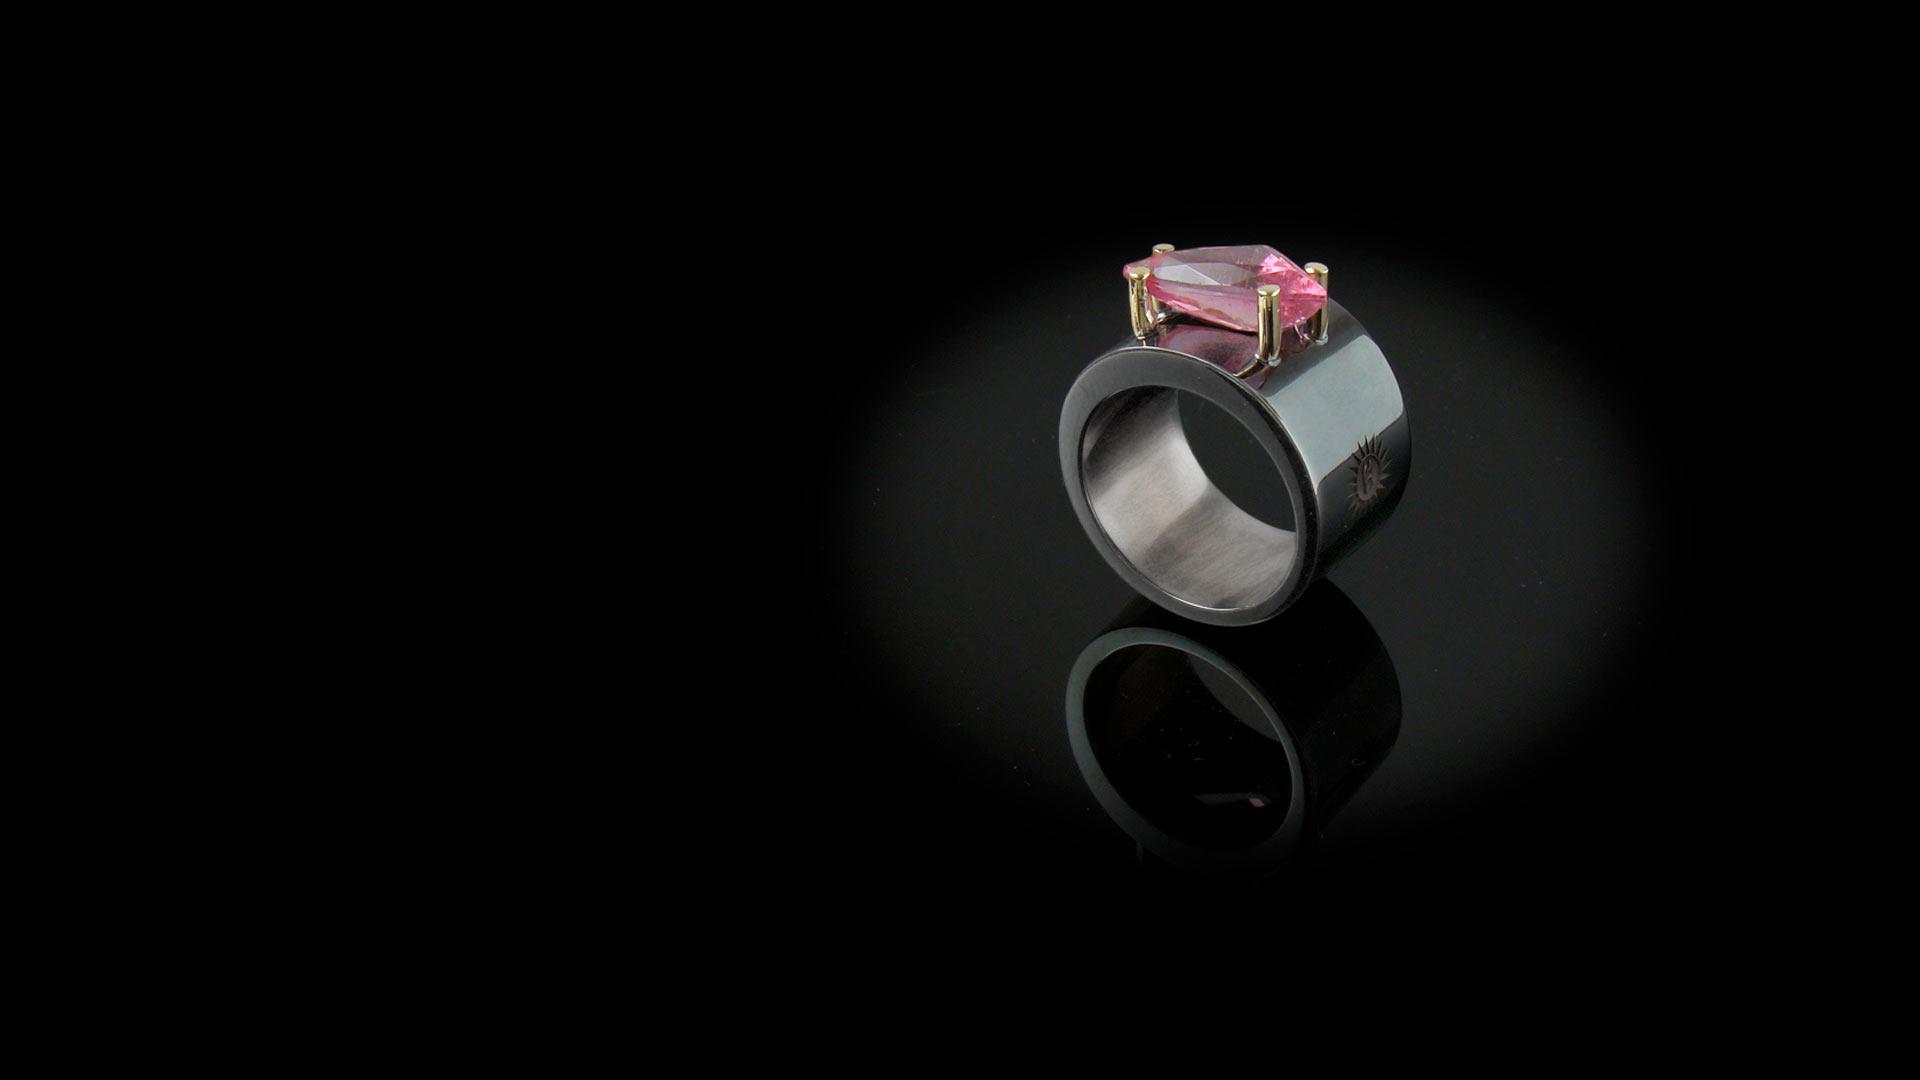 anillo-turm-rosa-1920